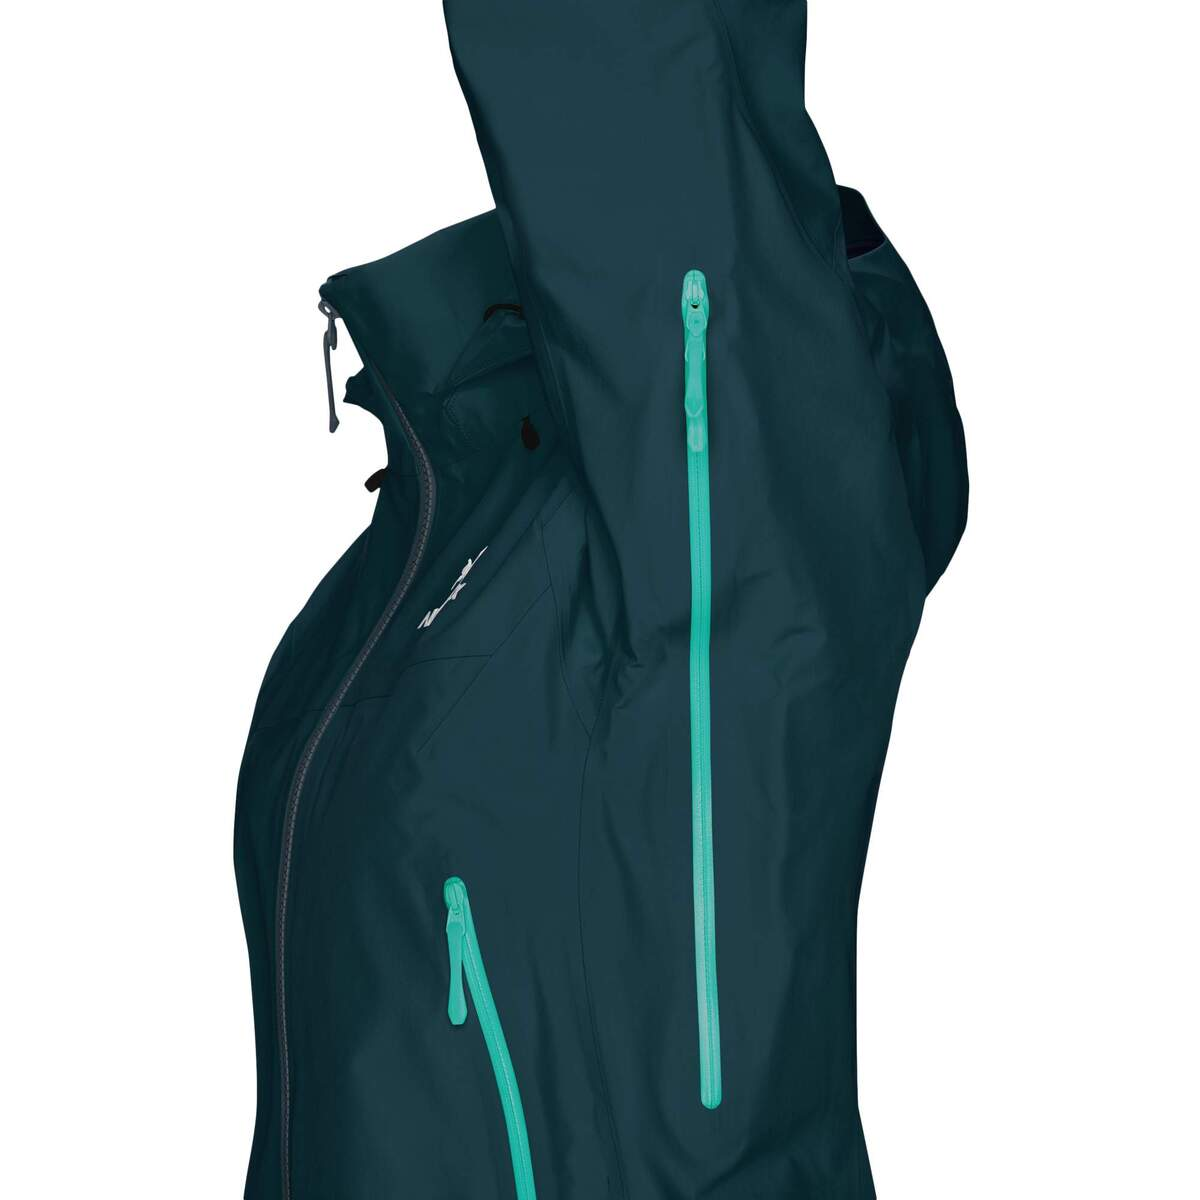 Bild 3 von Arc'teryx BETA AR JACKET WOMEN' S Frauen - Regenjacke